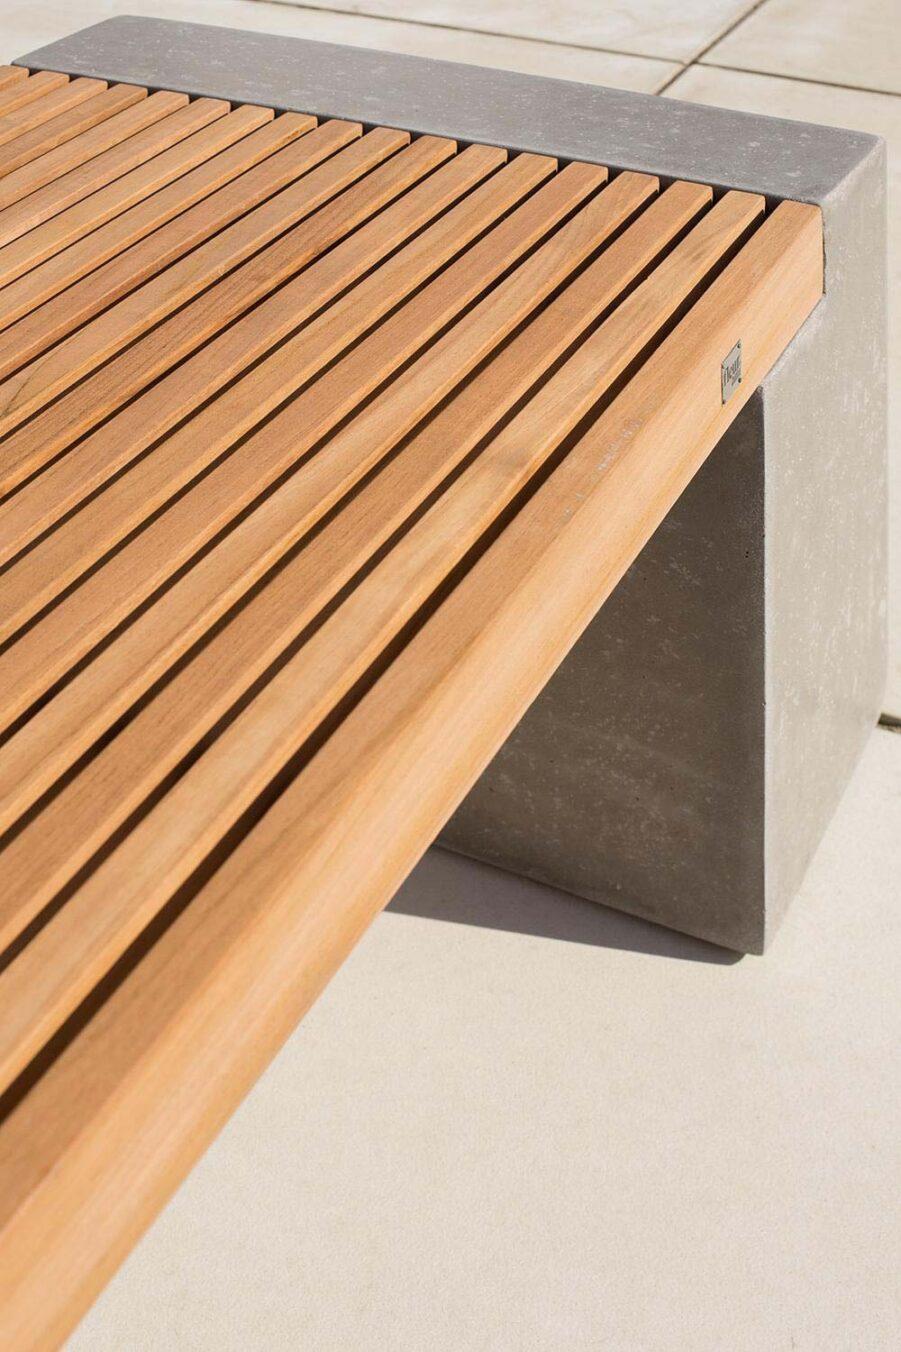 Detaljbild på Modulo bänk i teak och betong.